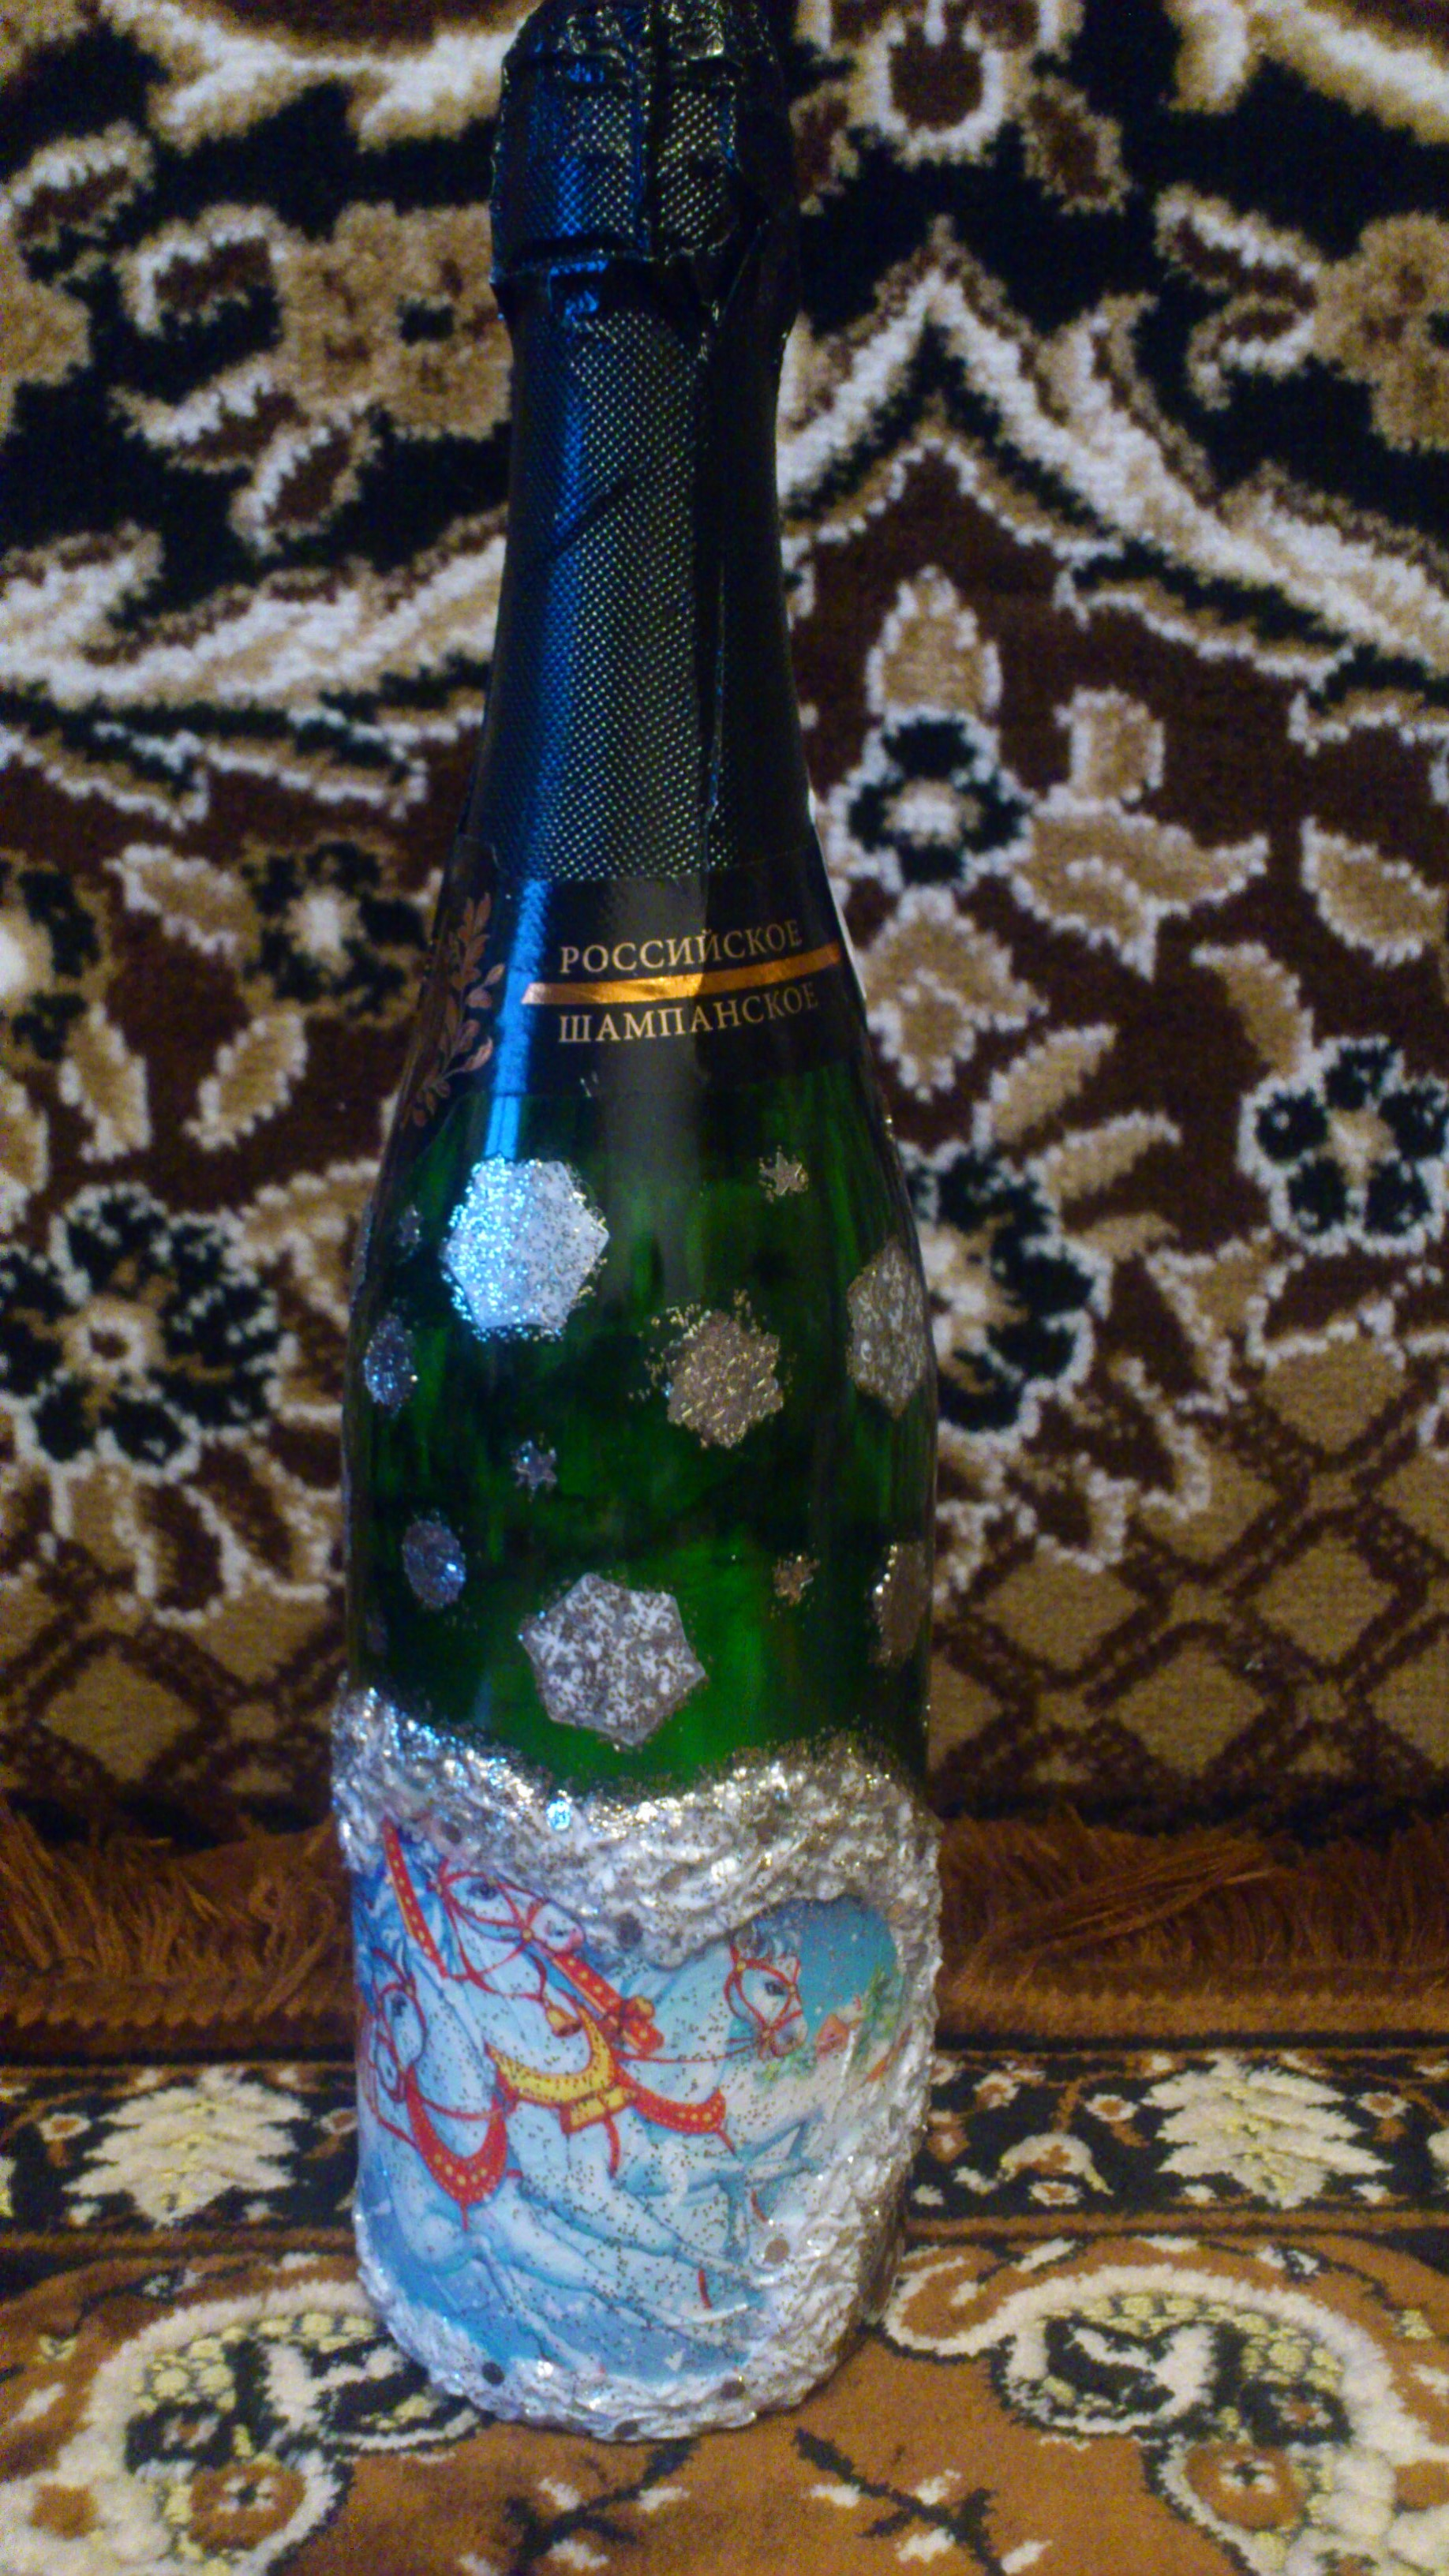 Как украсить бутылку шампанского на новый год и 8 марта: декупаж салфетками, видео мастер класс для начинающих